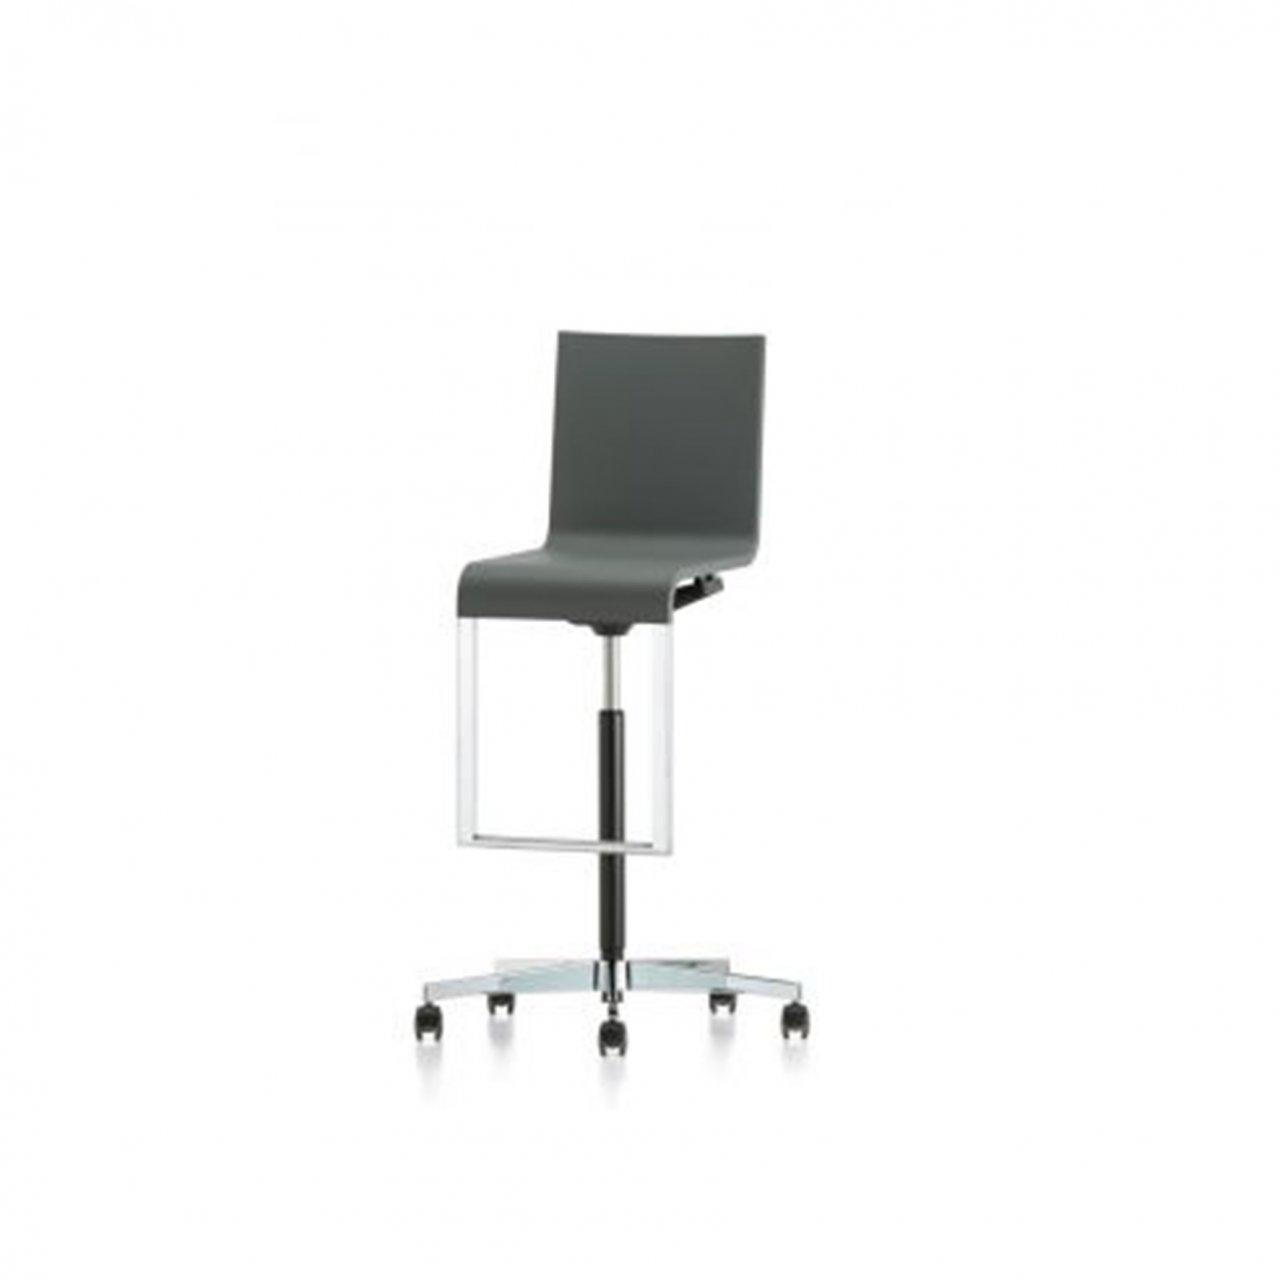 STEELCASE Mediascape - KIST Büro- und Objekteinrichtung GmbH